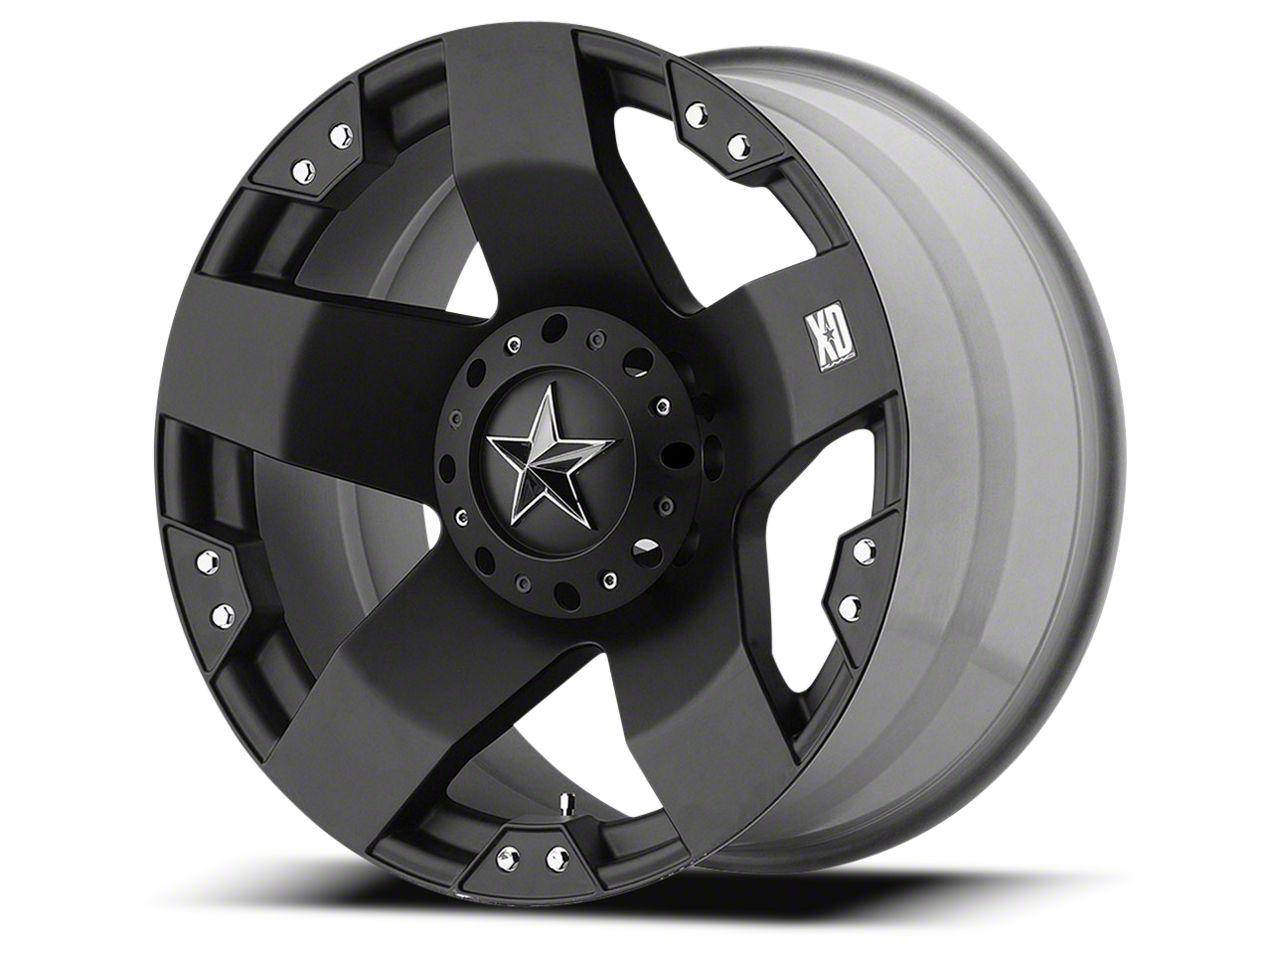 Rockstar XD775 Matte Black 6-Lug Wheel - 22x9.5 (99-18 Silverado 1500)